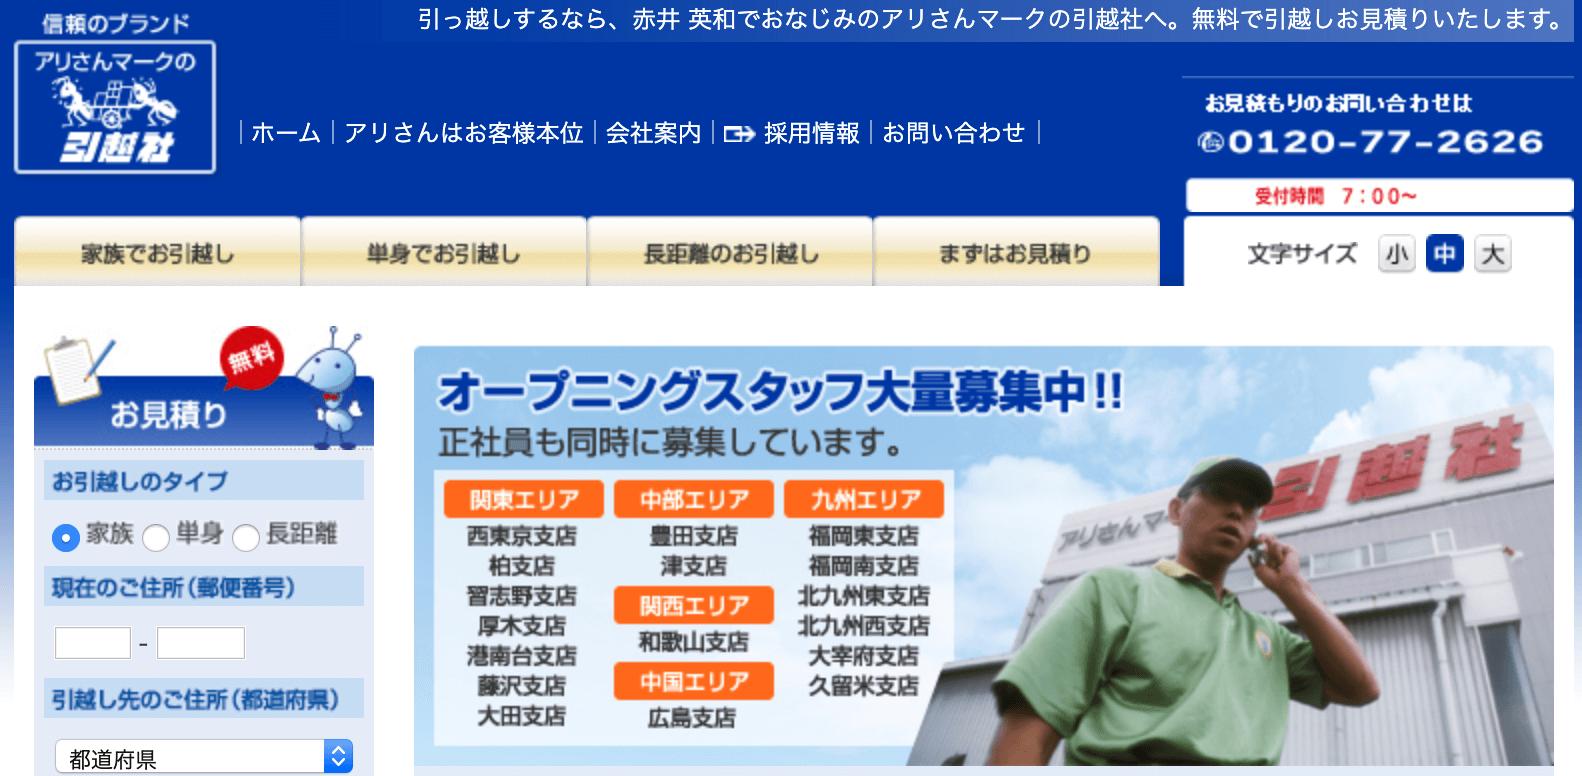 アリさんマークの引越社のトップページ